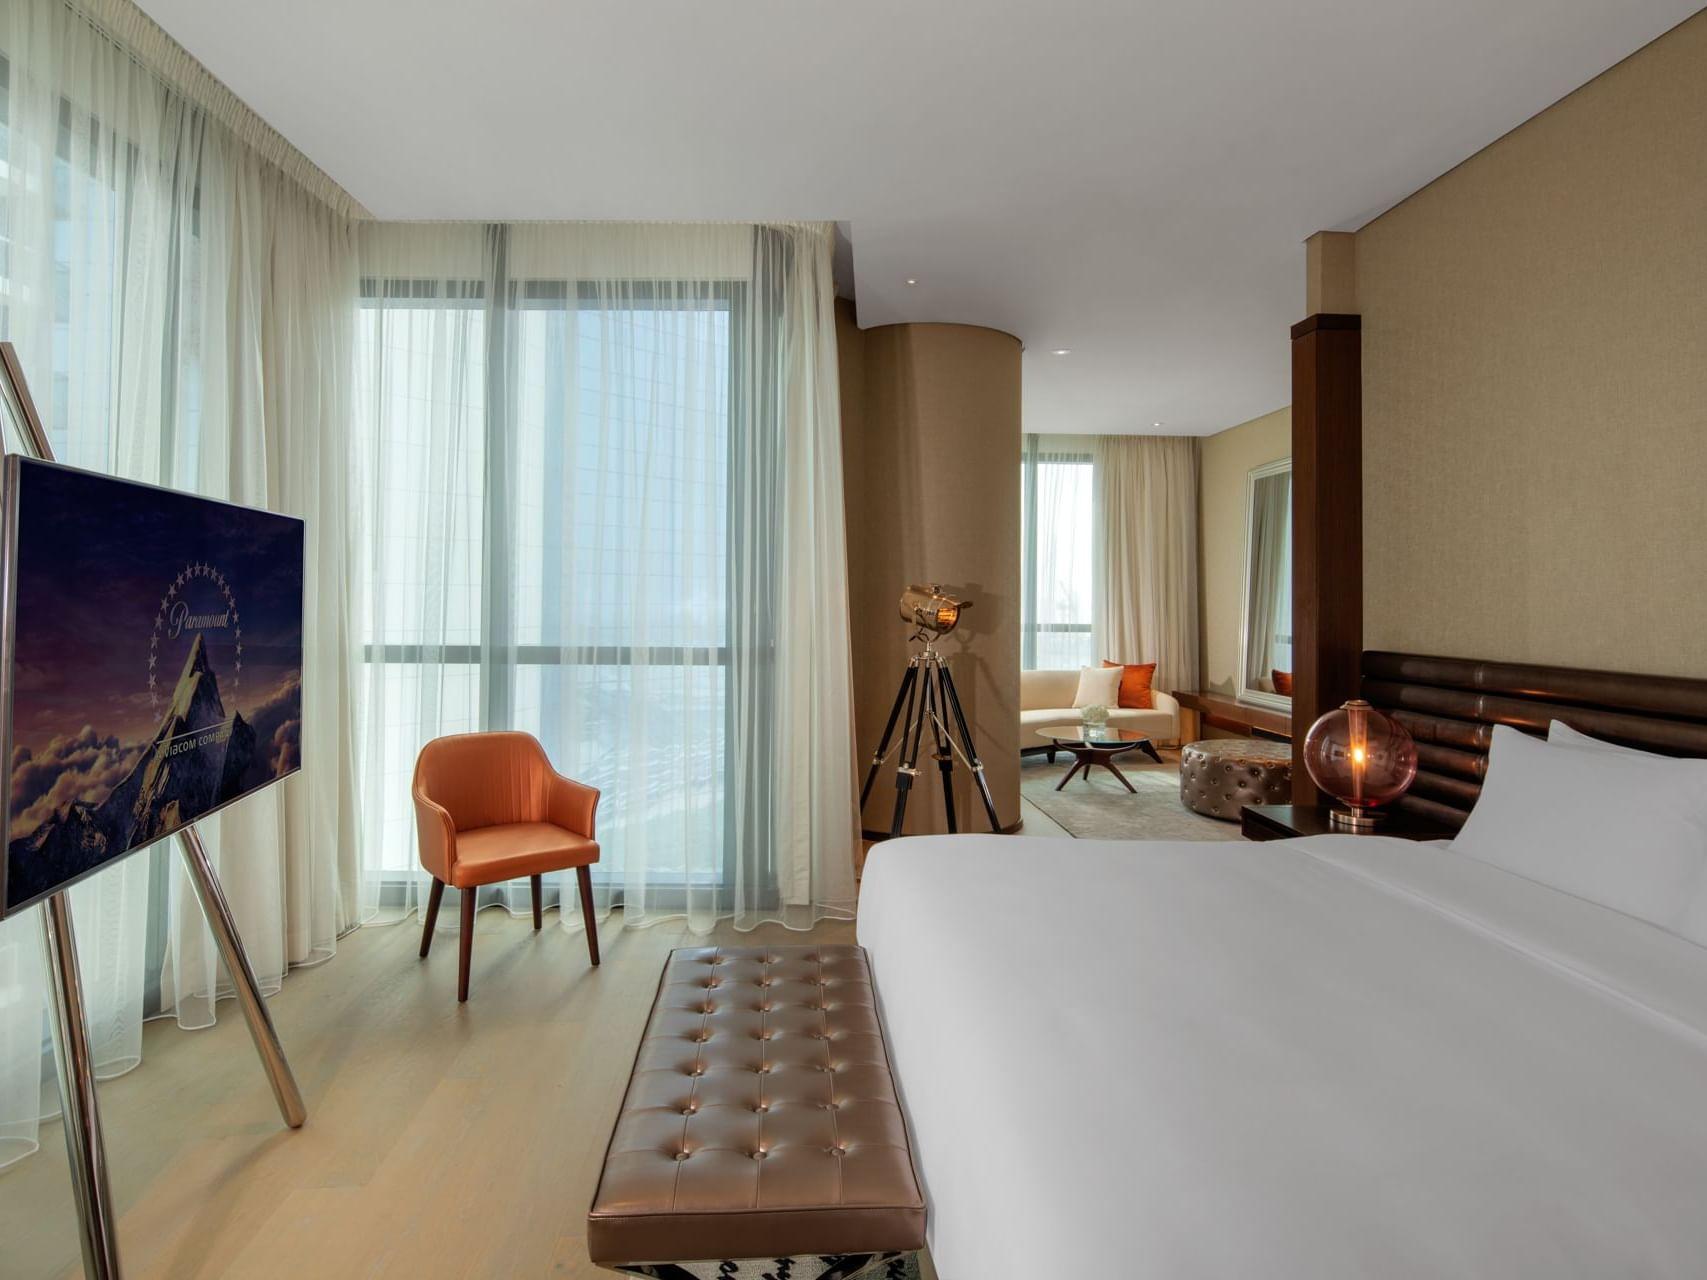 迪拜派拉蒙酒店舞台客房